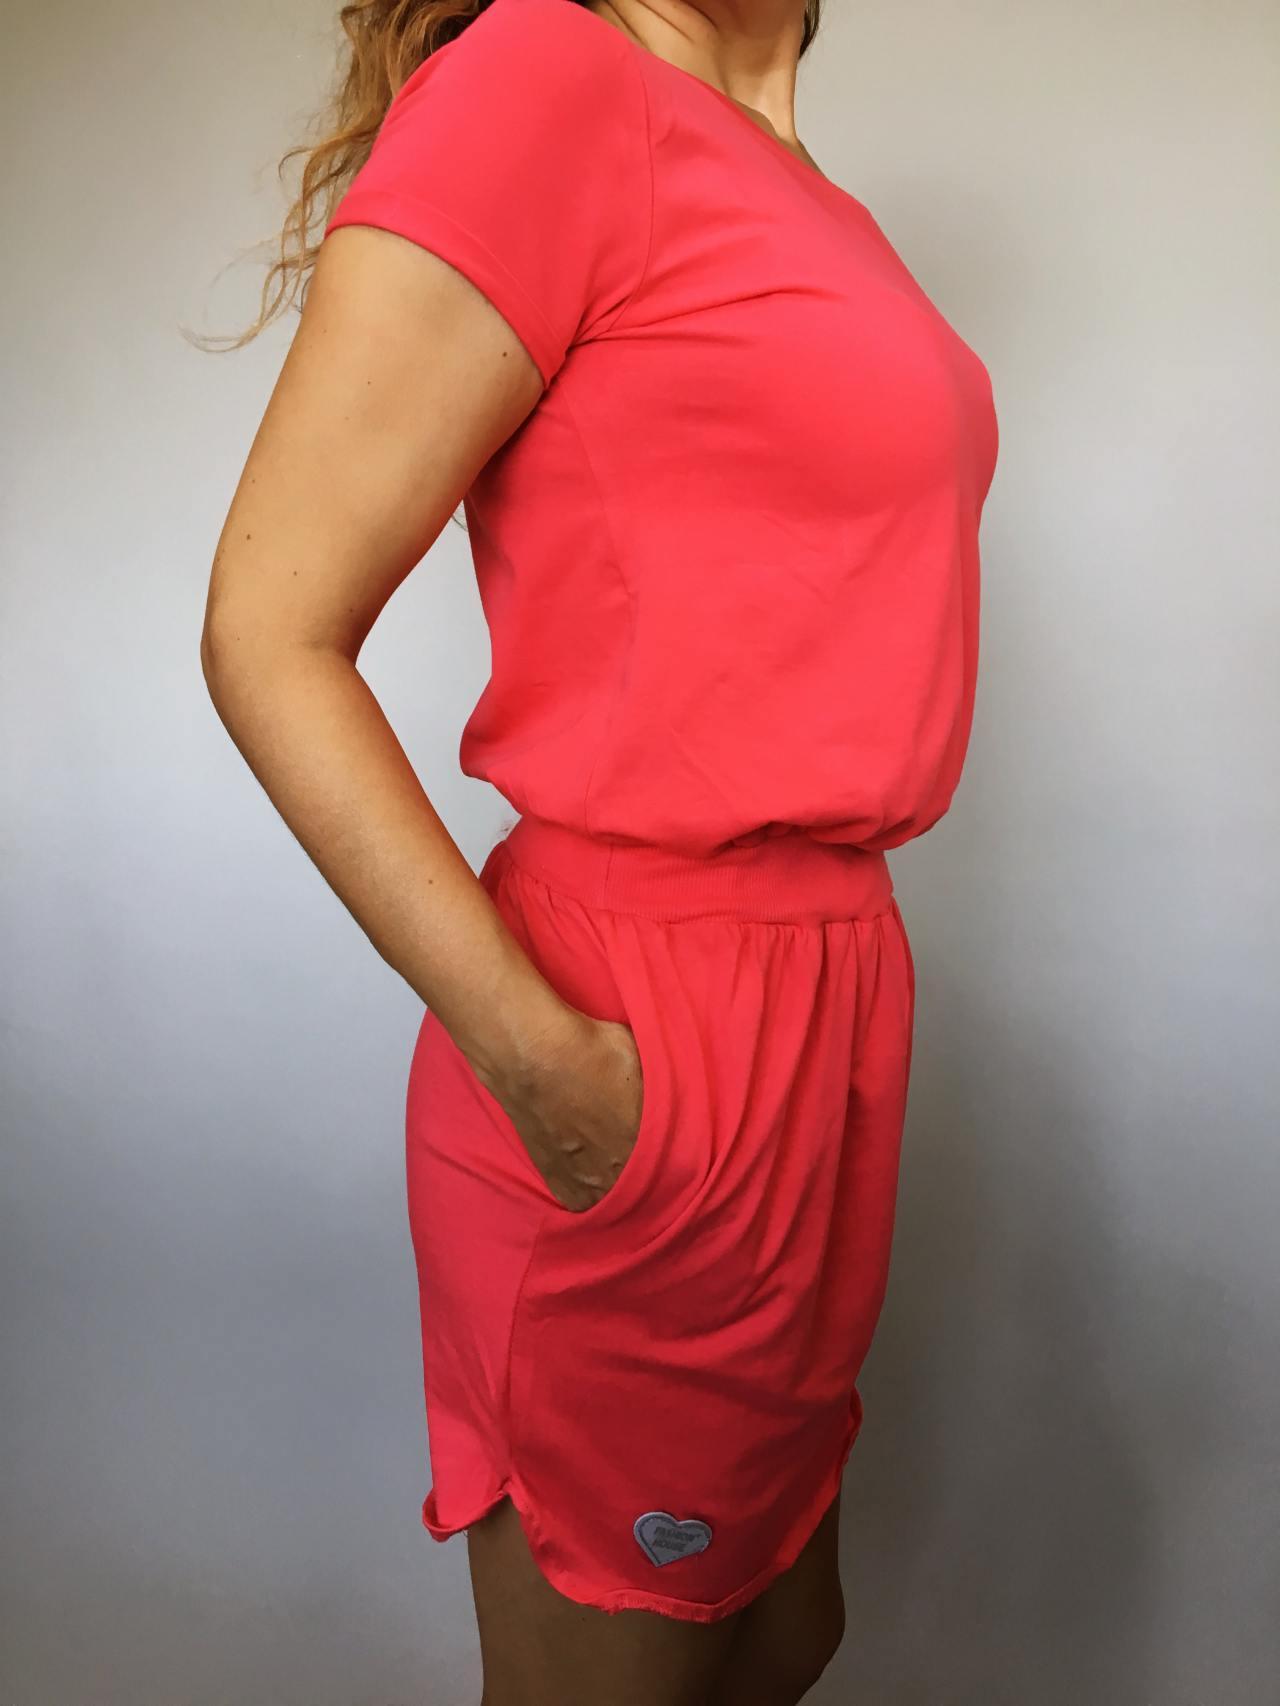 Šaty Carry červené 03